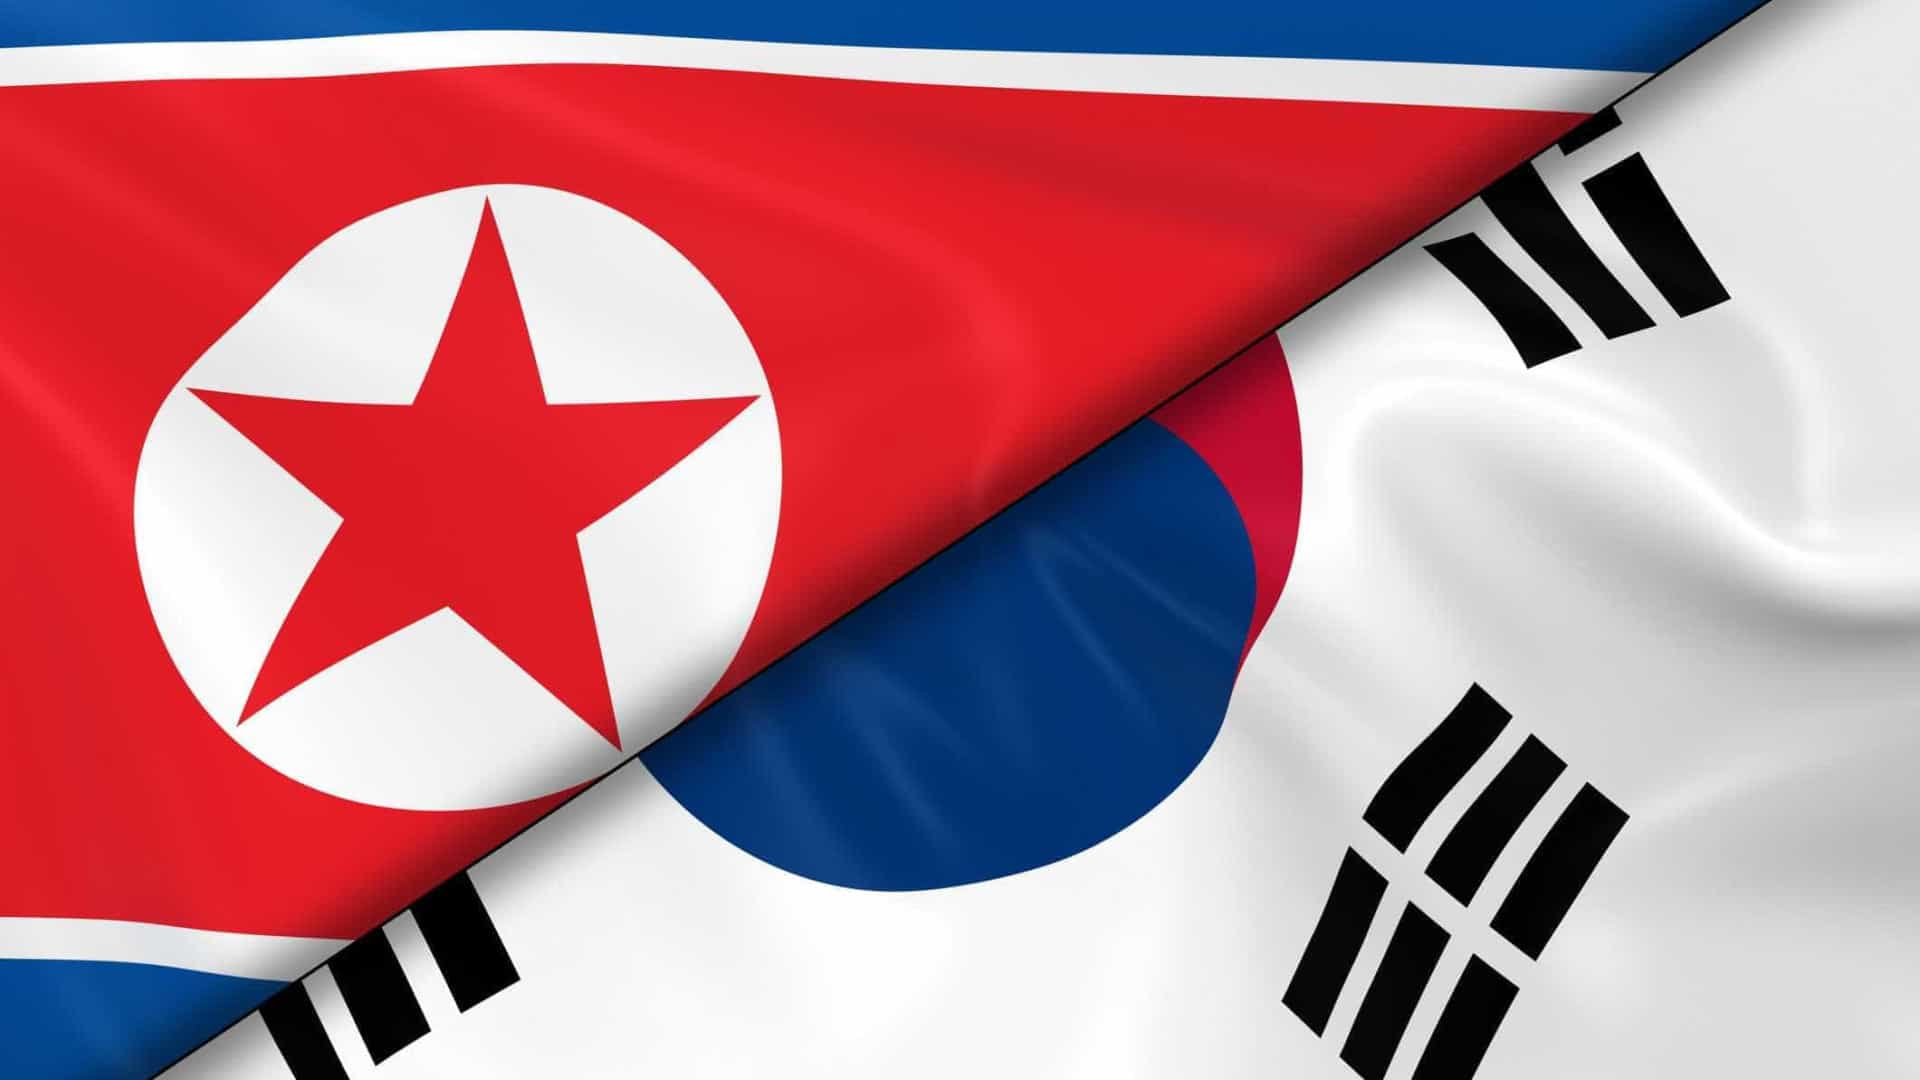 Seul propõe conversações militares a Pyongyang para reduzir tensão